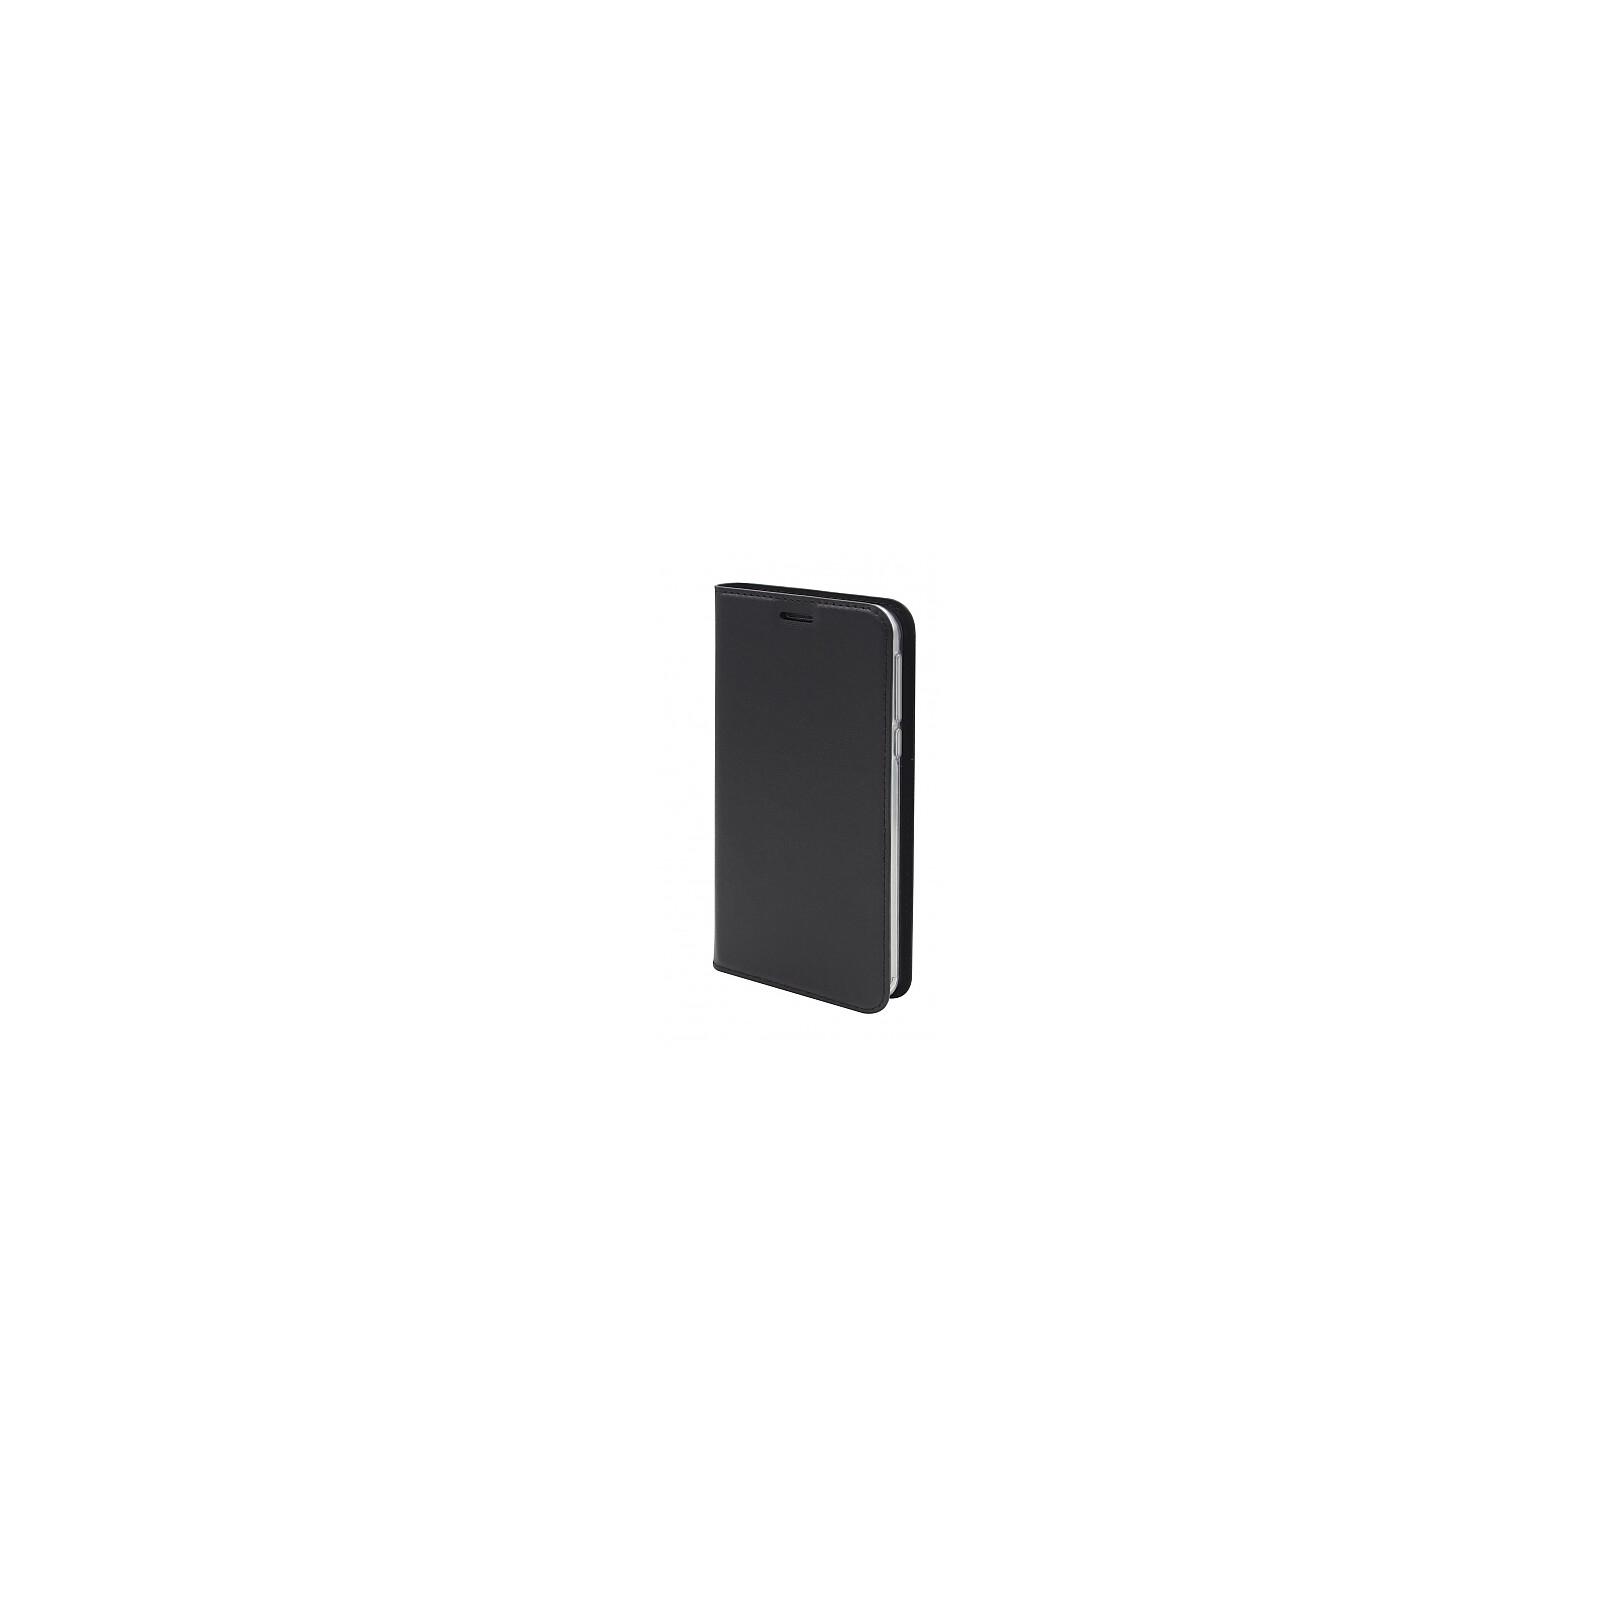 Emporia Booktasche Original Emporia Smart S3 Mini schwarz